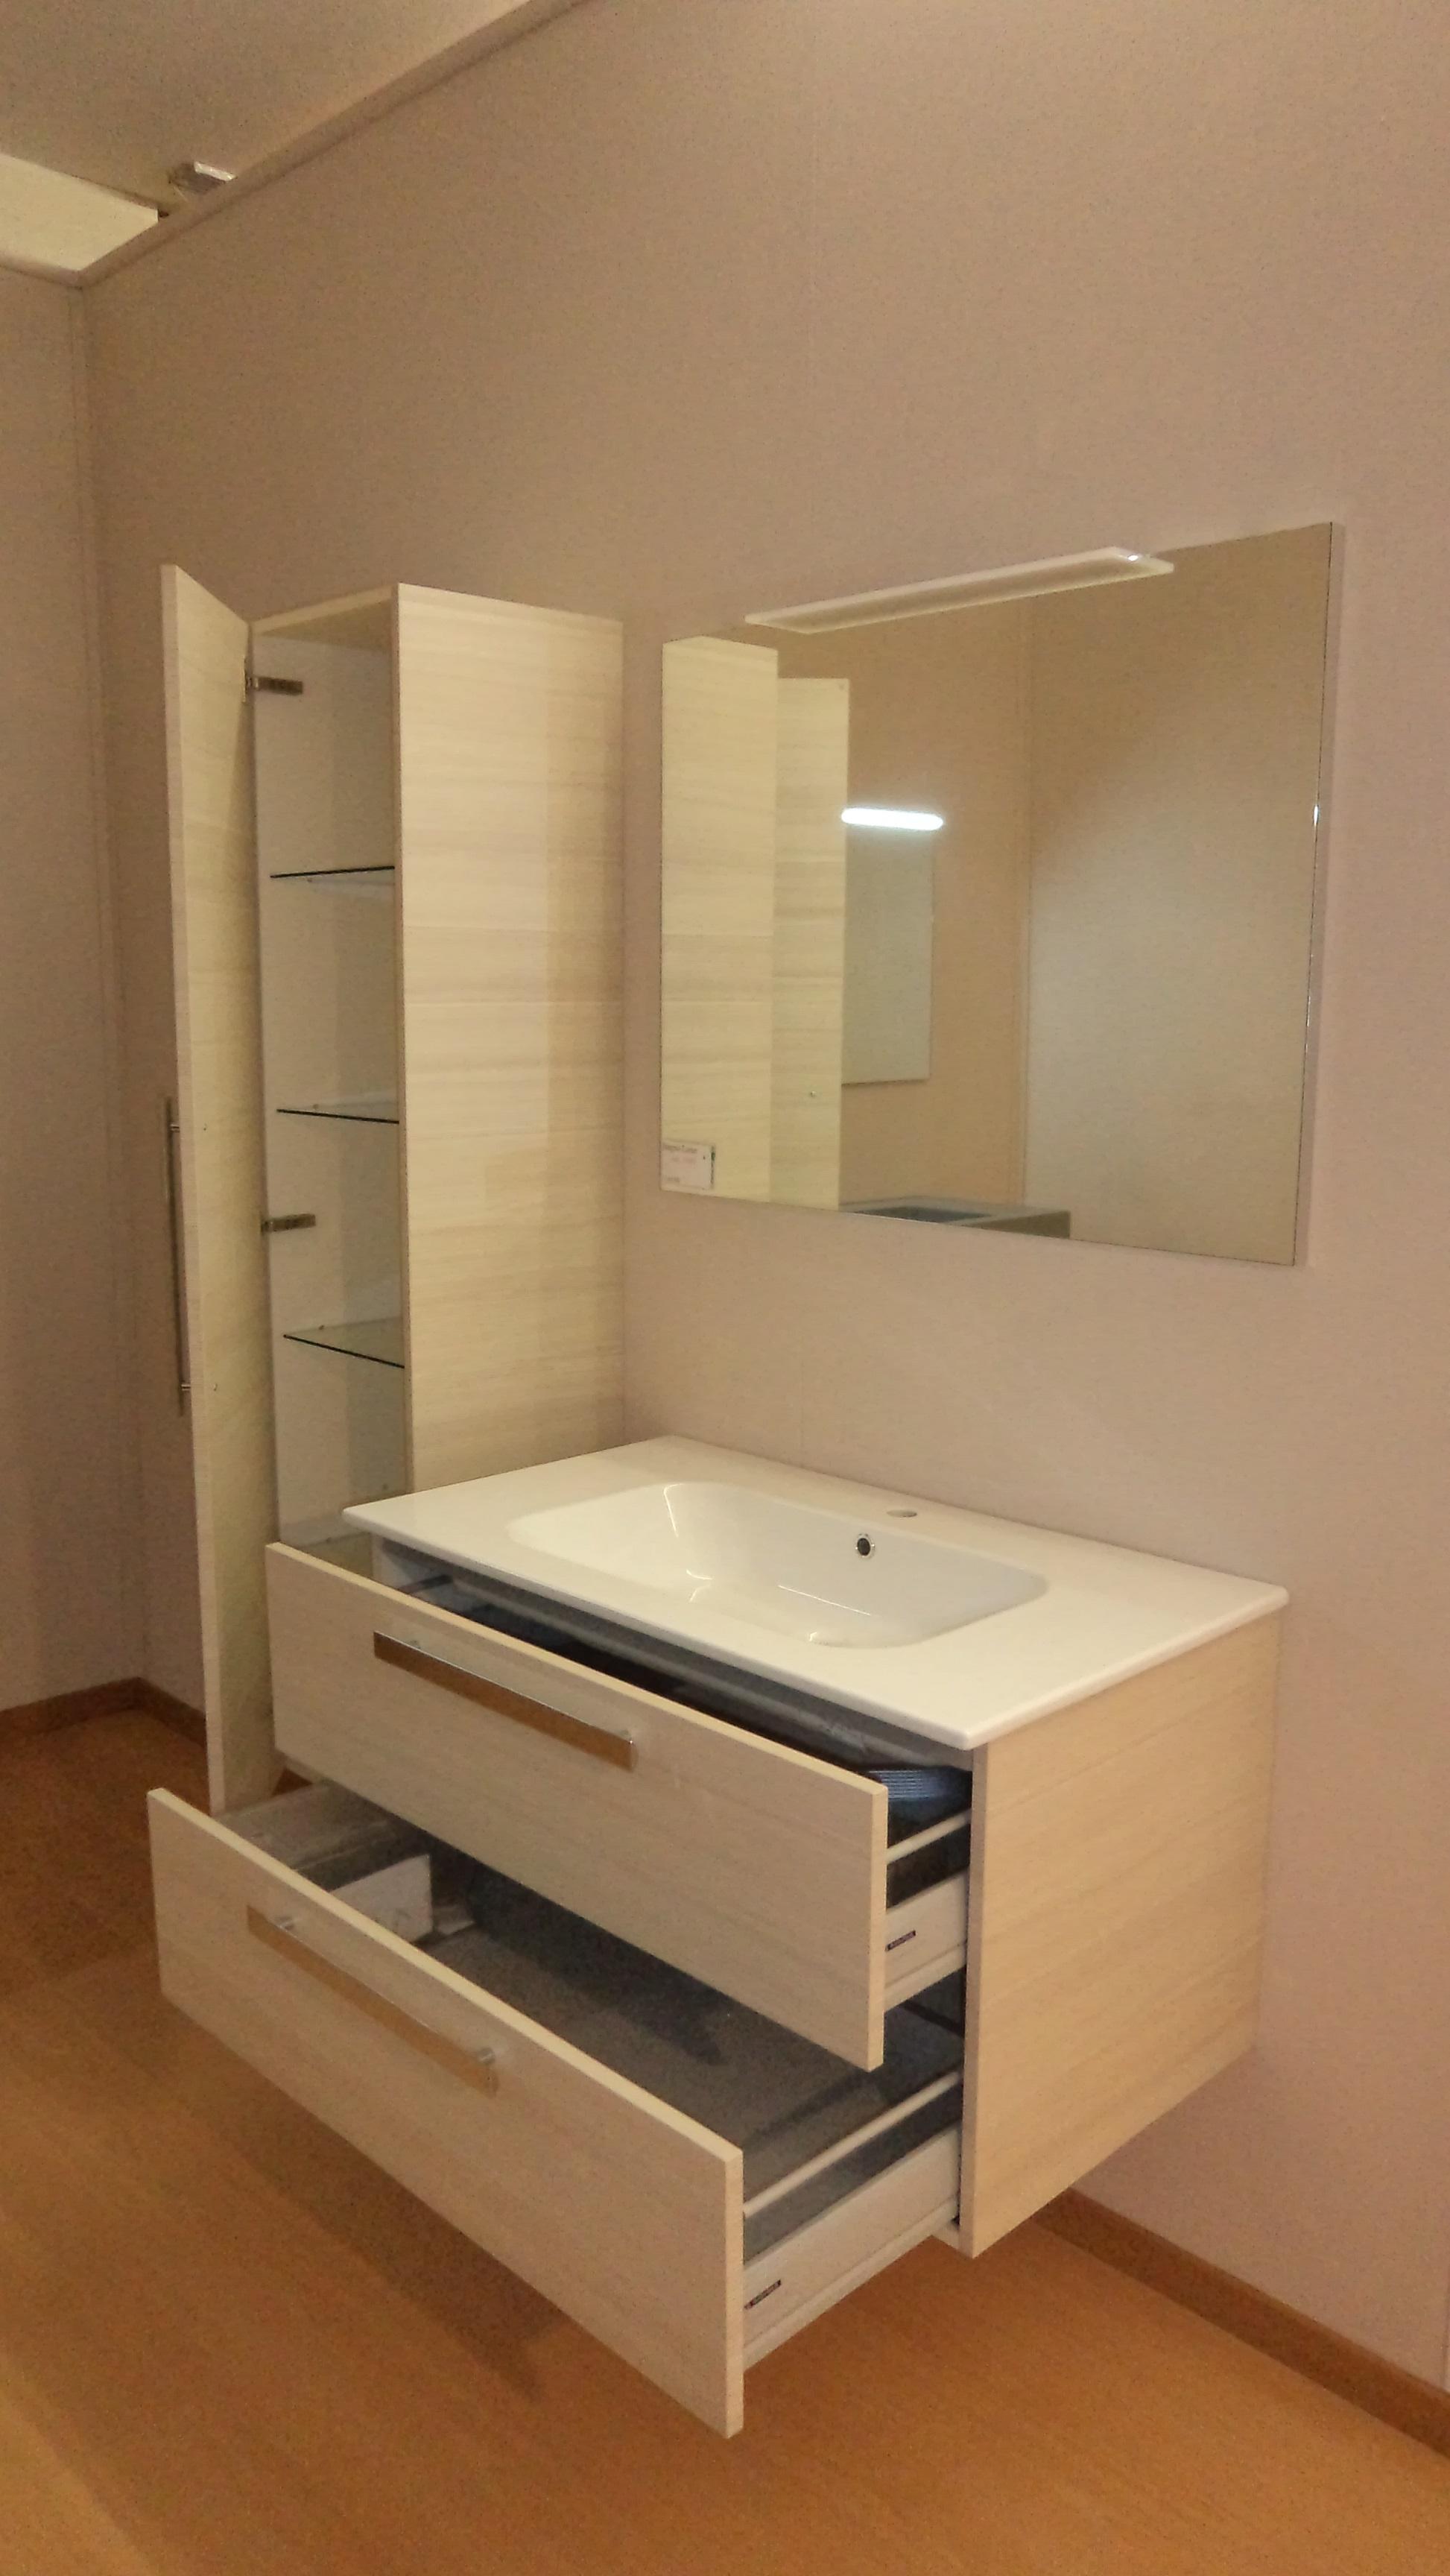 Idee piastrelle bagno for Piastrelle bagno ikea